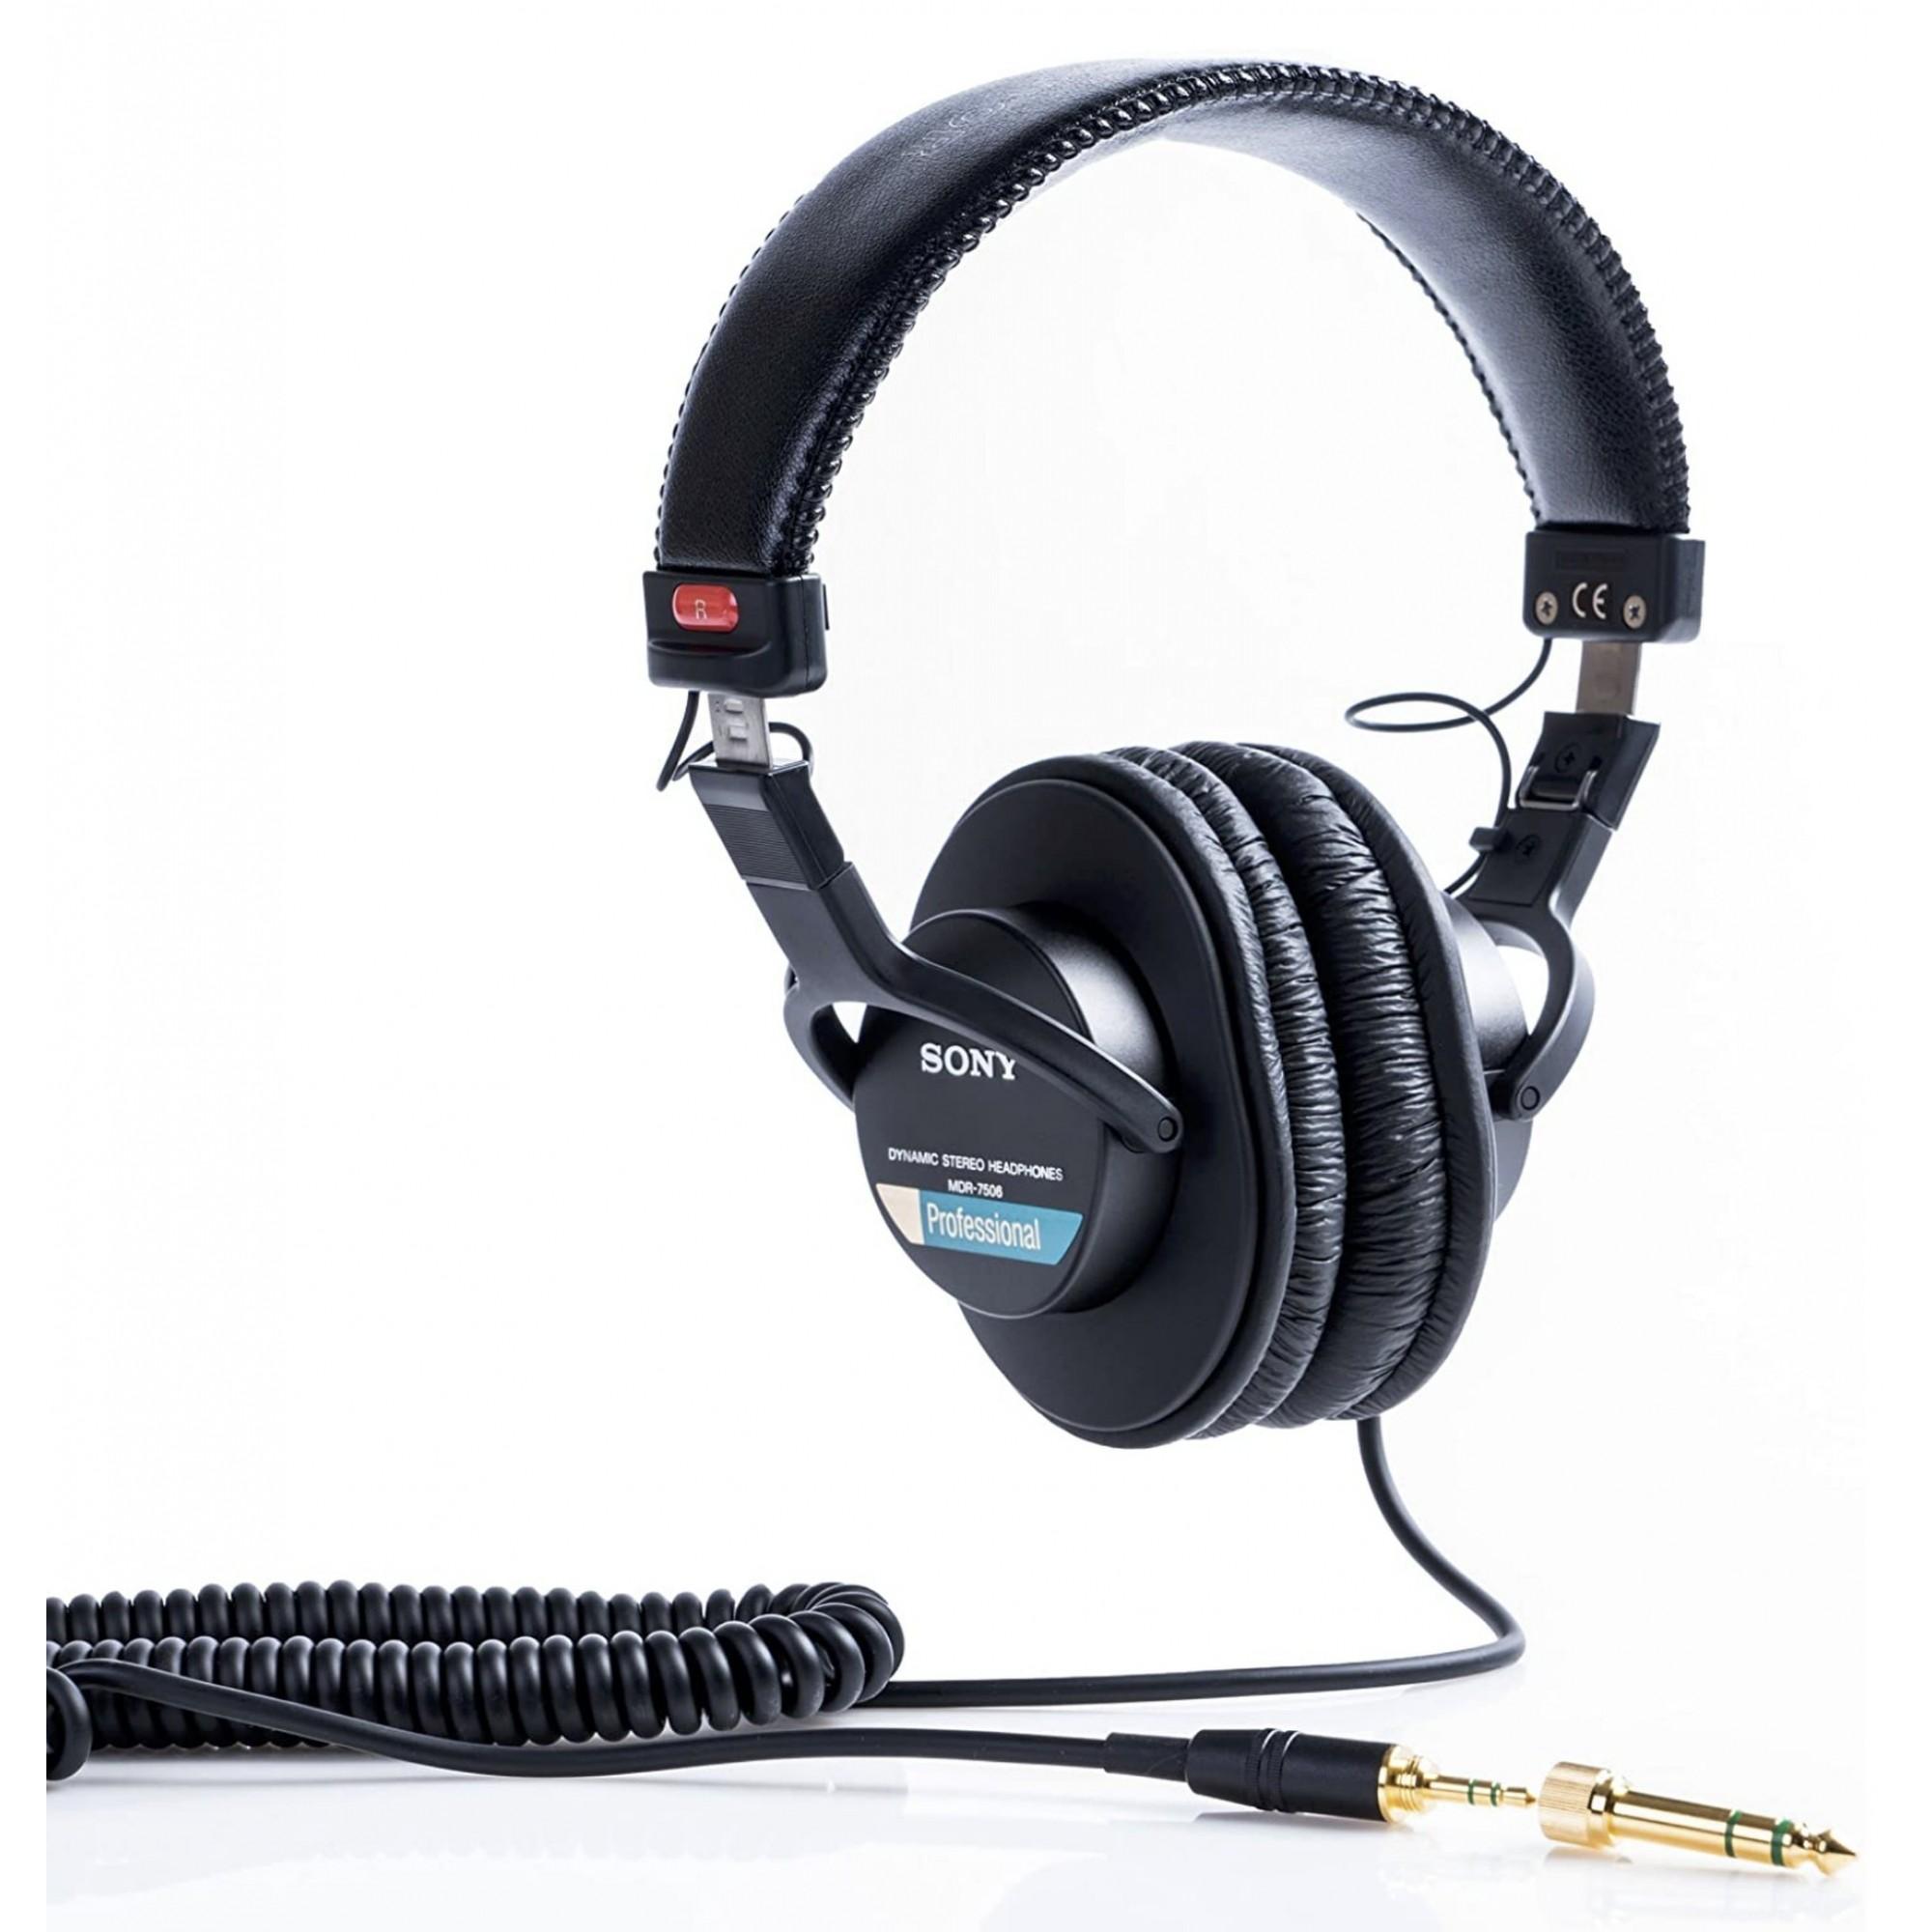 Sony Mdr-7506 Fone Profissional estúdio Headphone